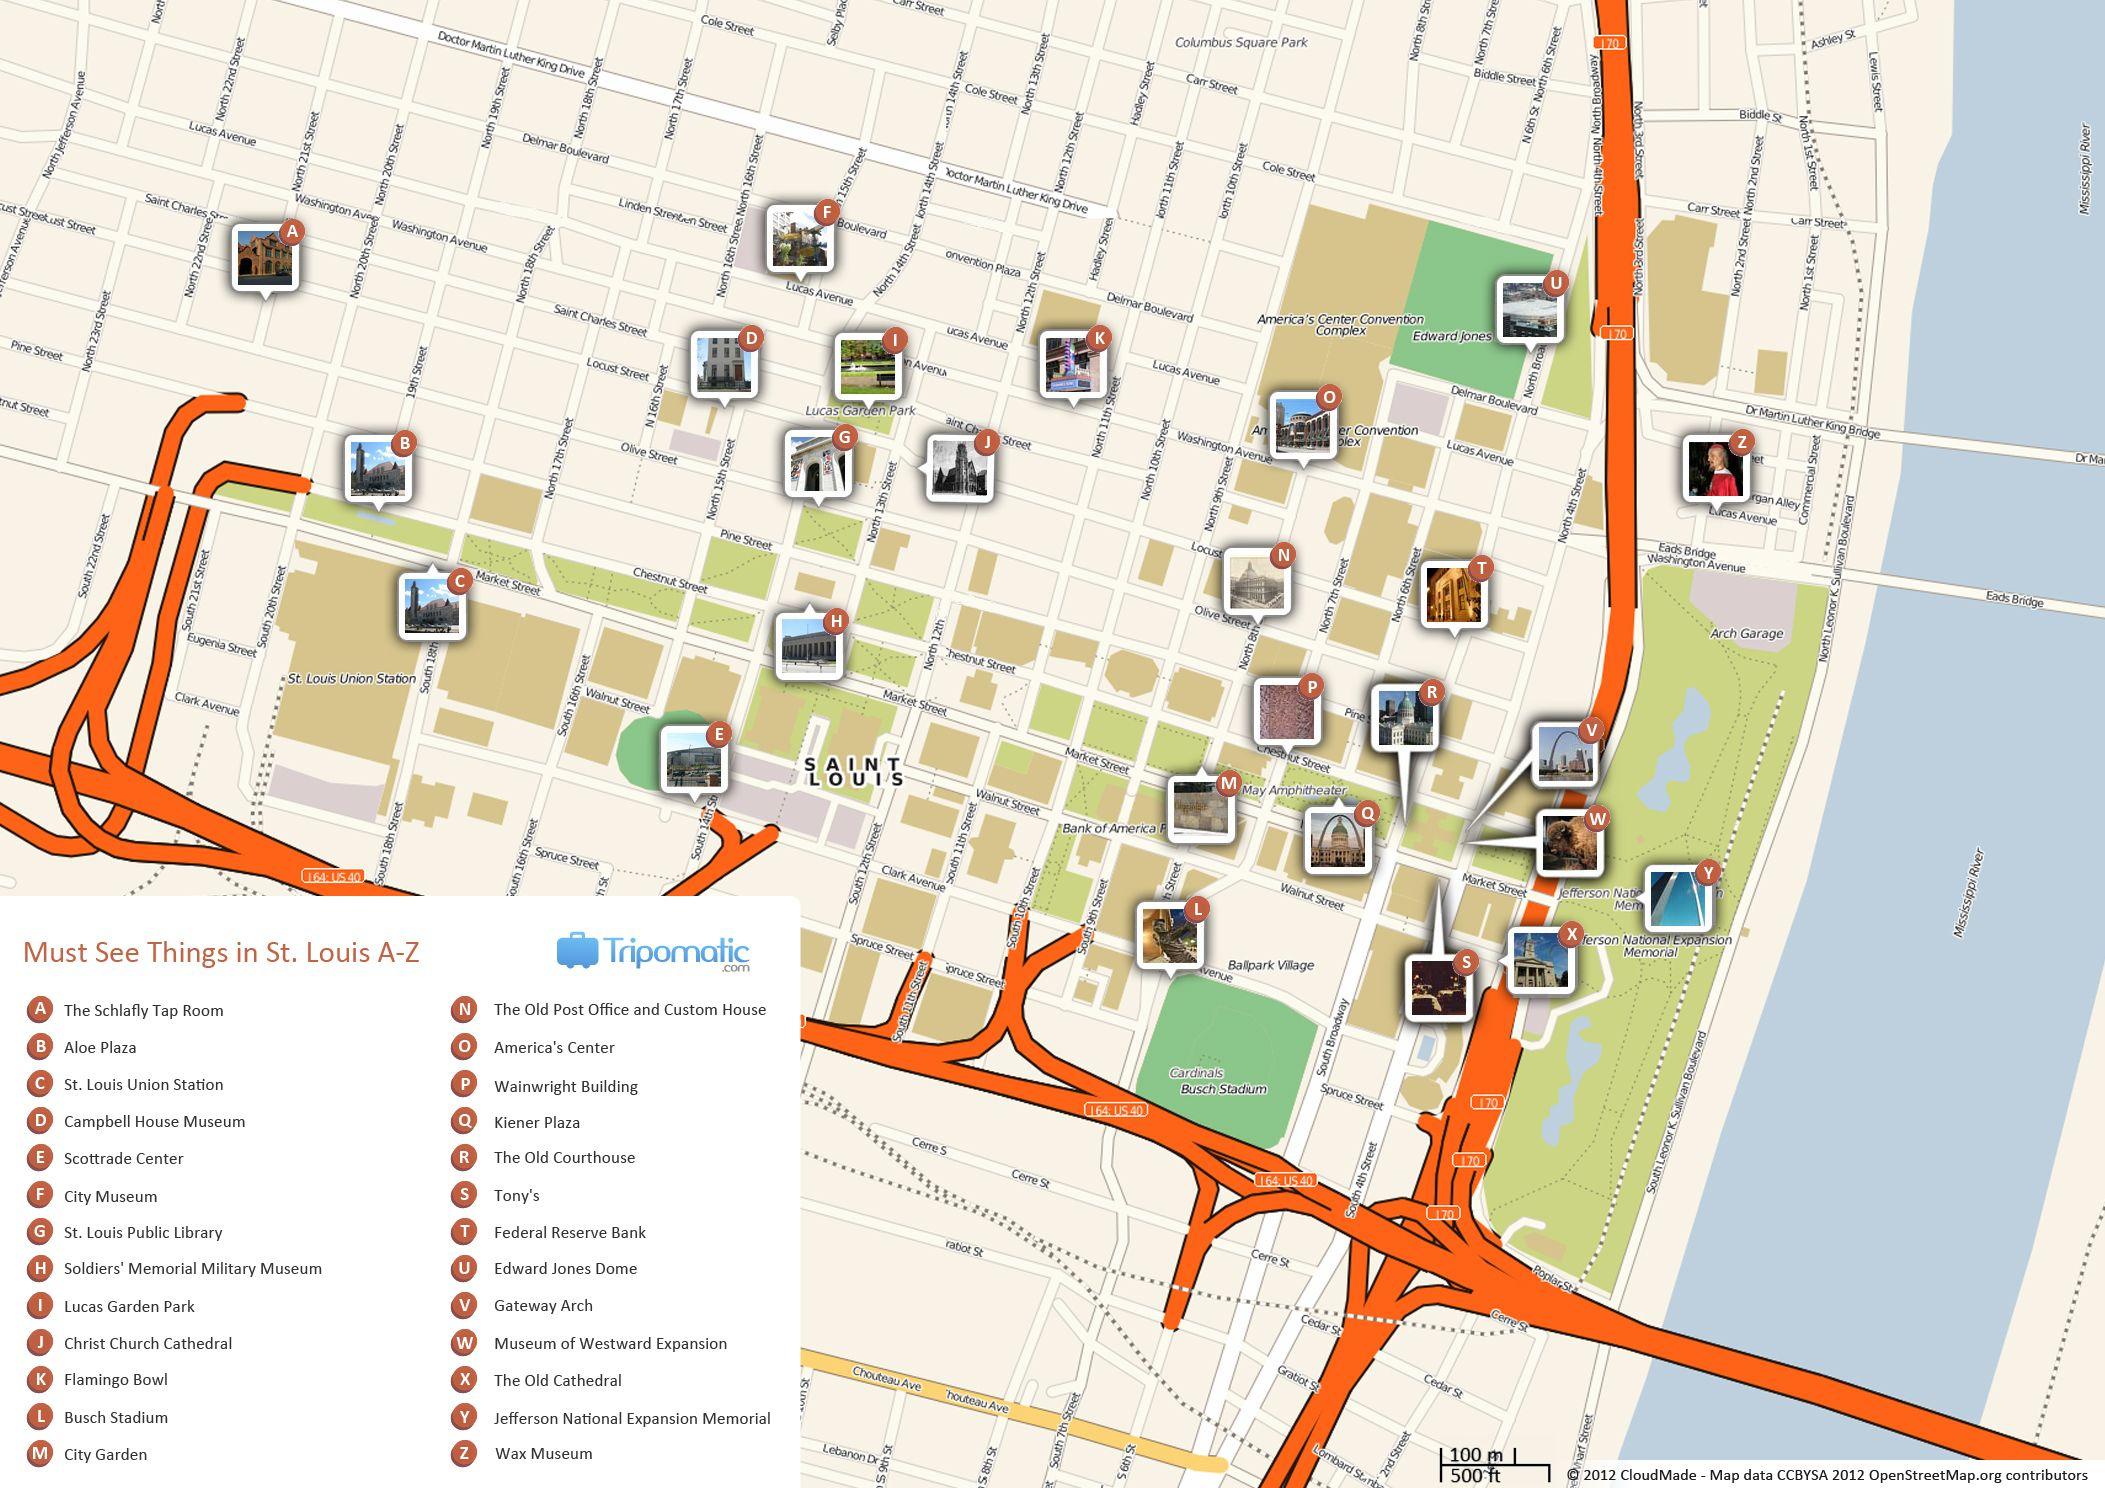 St. Louis Printable Tourist Map | Free Tourist Maps ✈ | Pinterest - Forest Park St Louis Map Printable